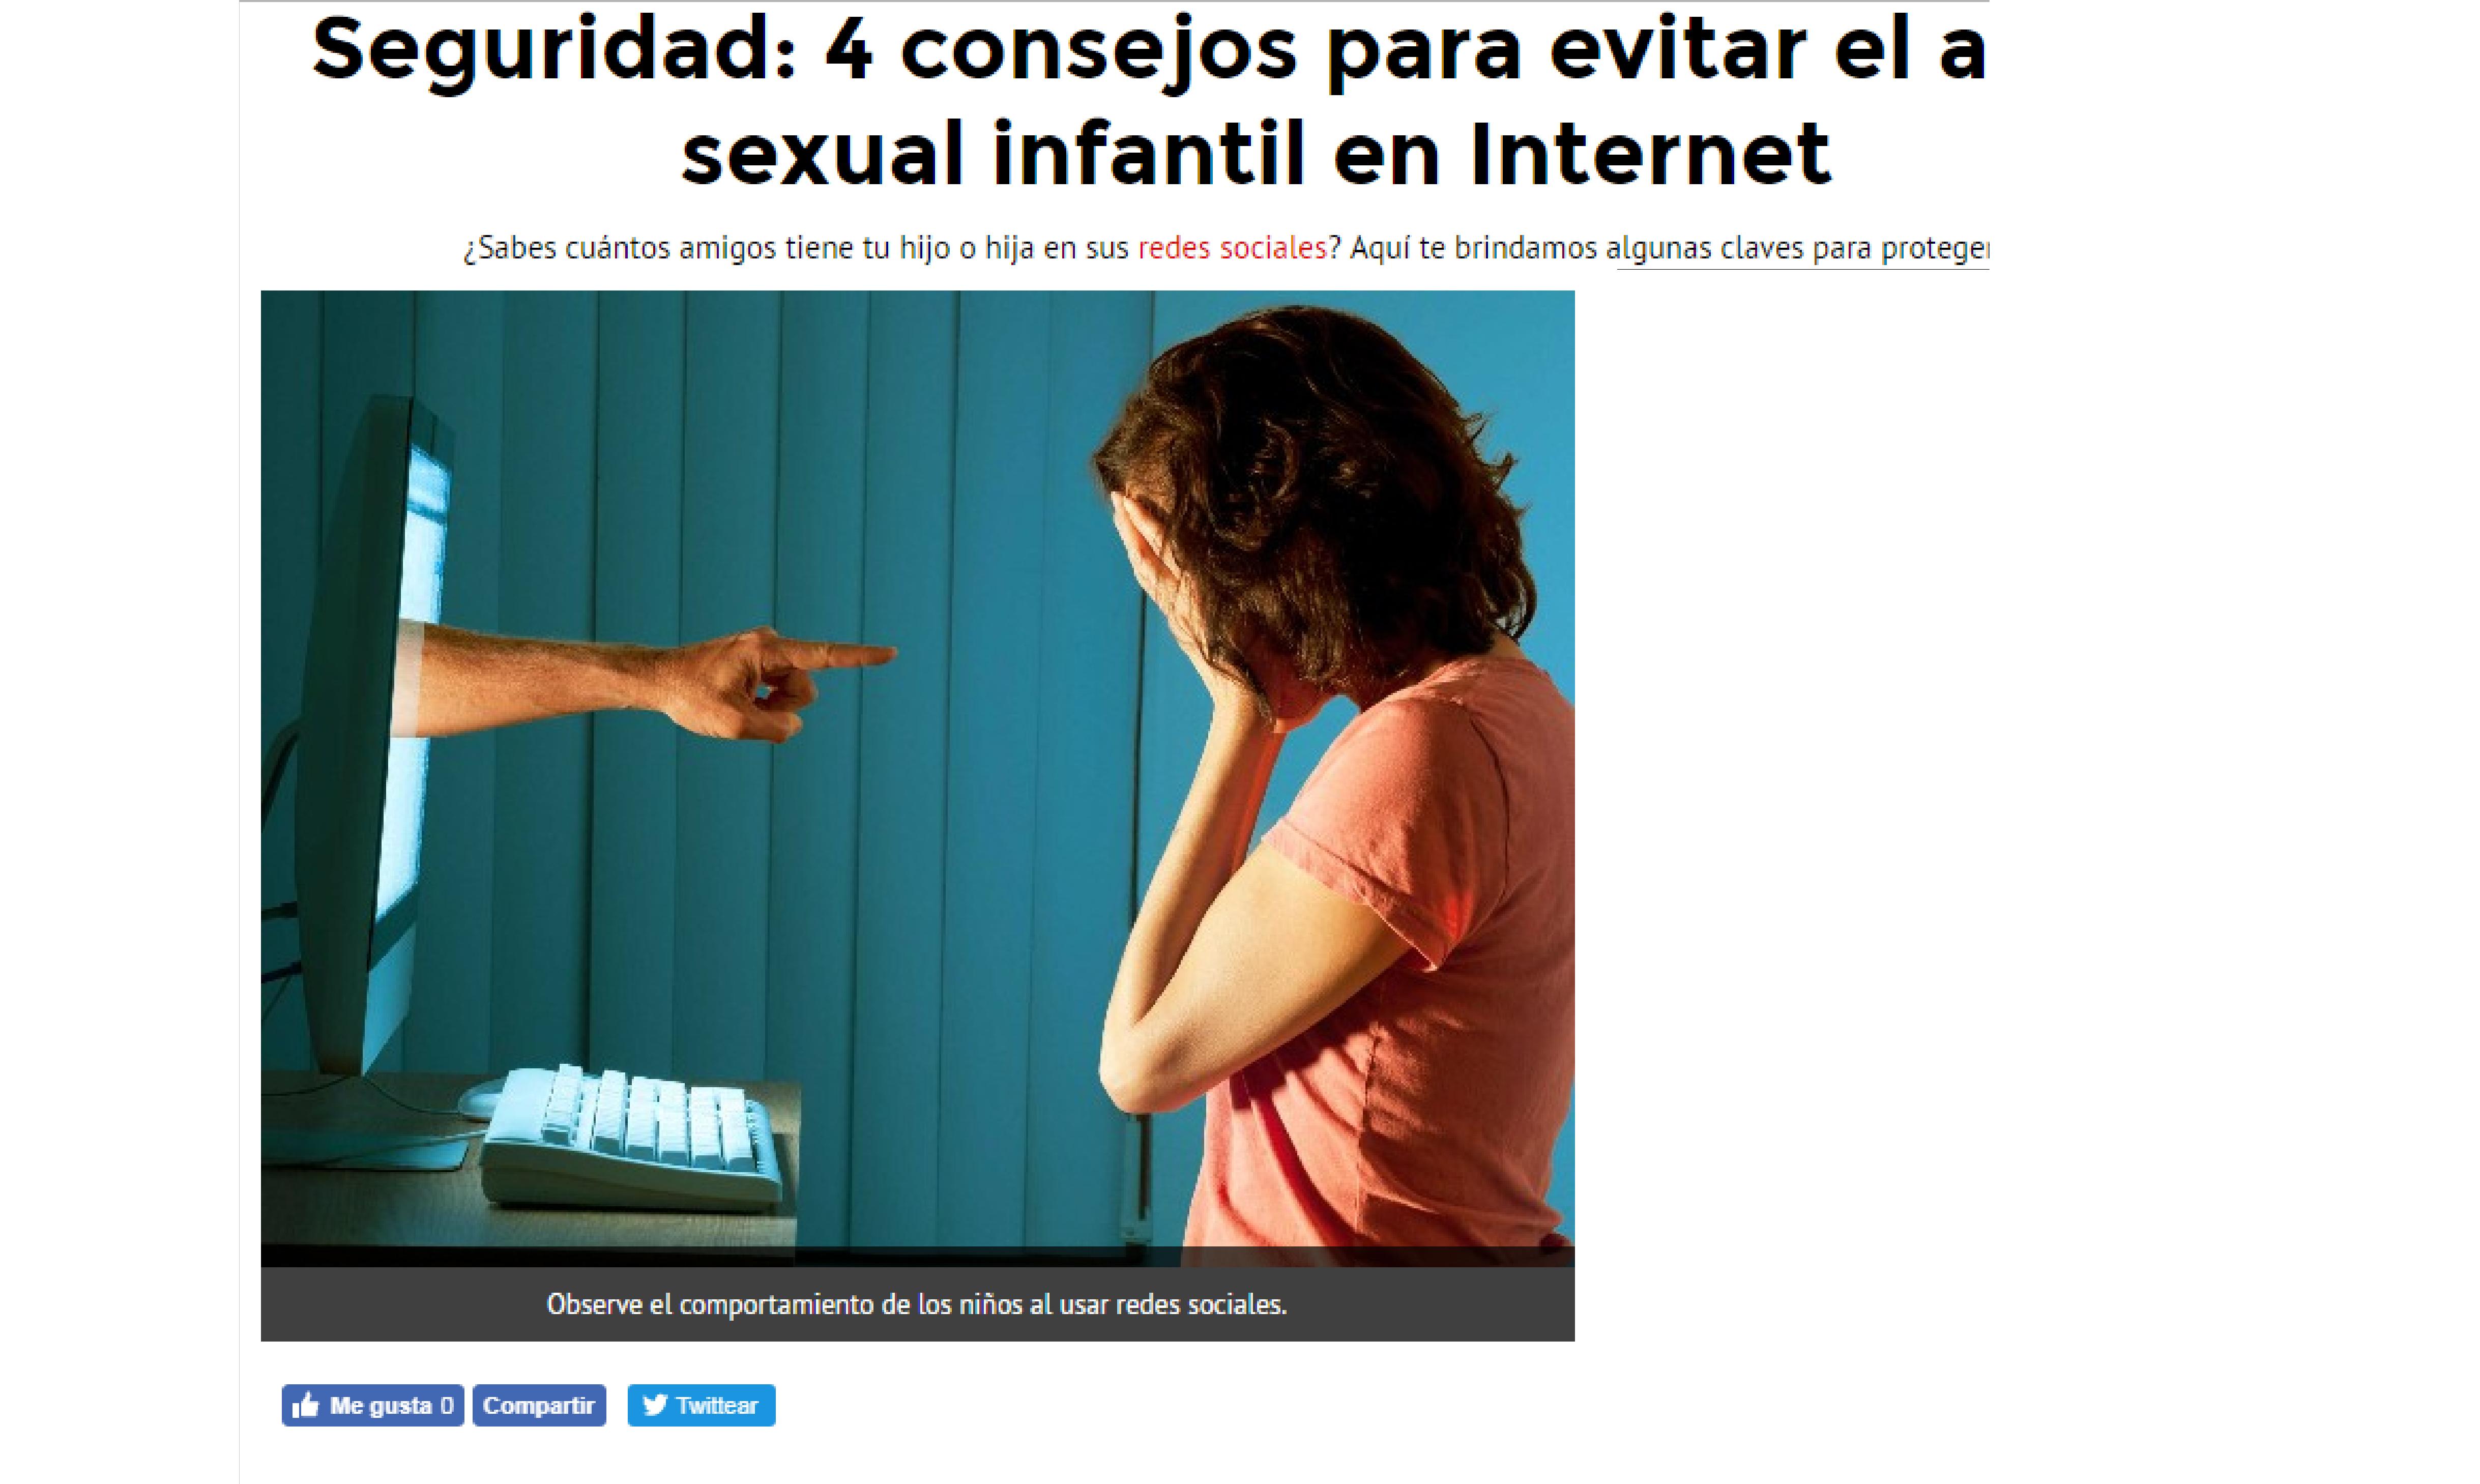 El Popular: Seguridad: 4 consejos para evitar el acoso sexual infantil en Internet